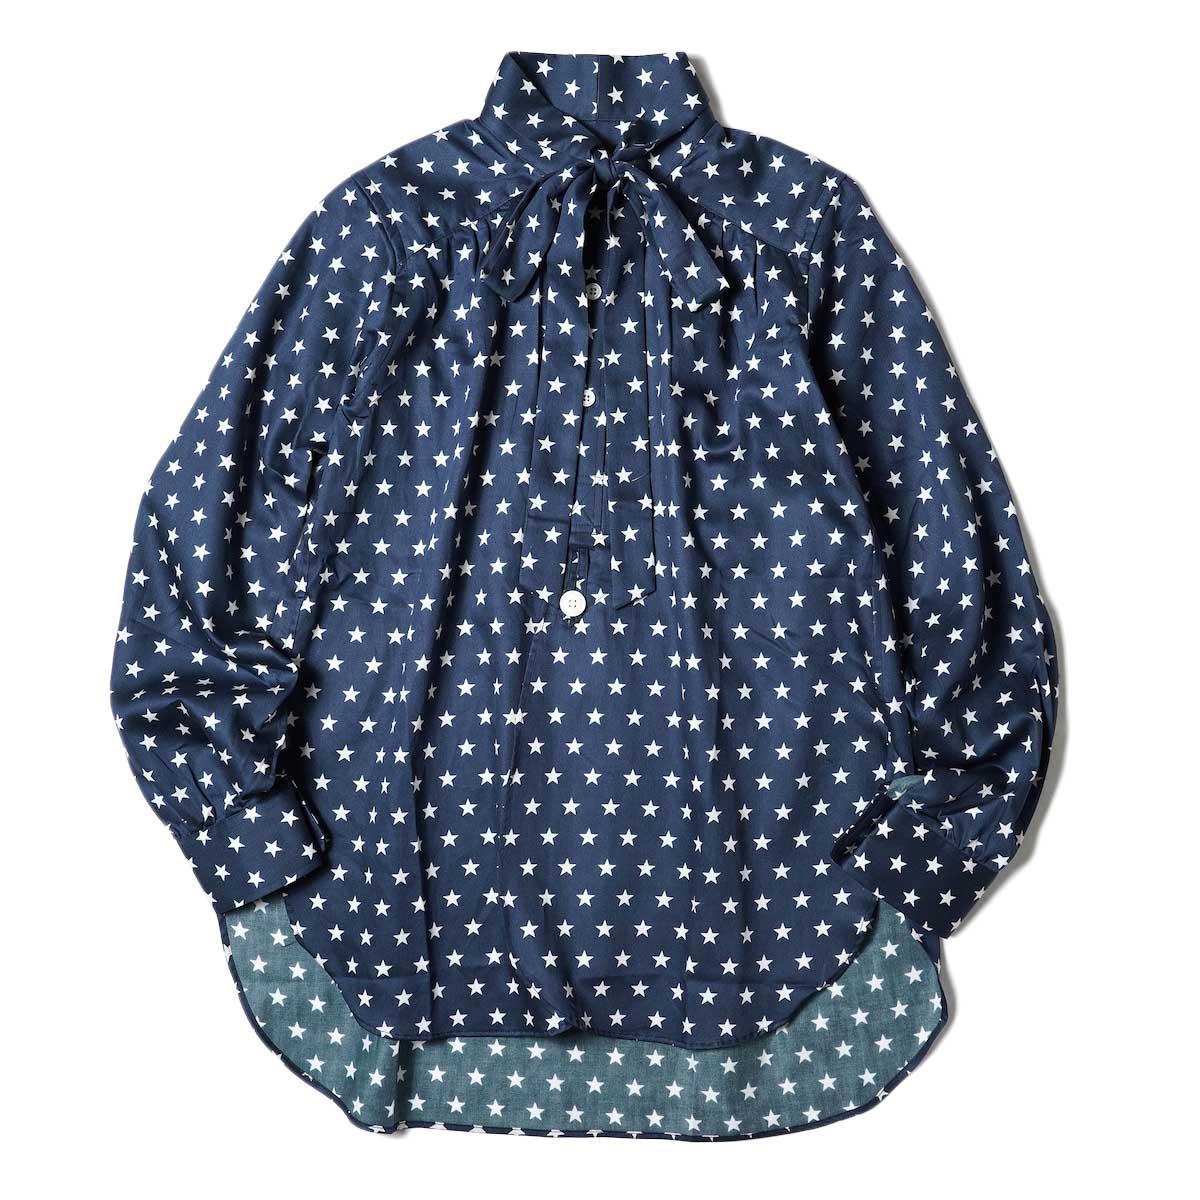 Needles / Ascot Collar EDW Shirt - Cotton Sateen / Pt (Star B)